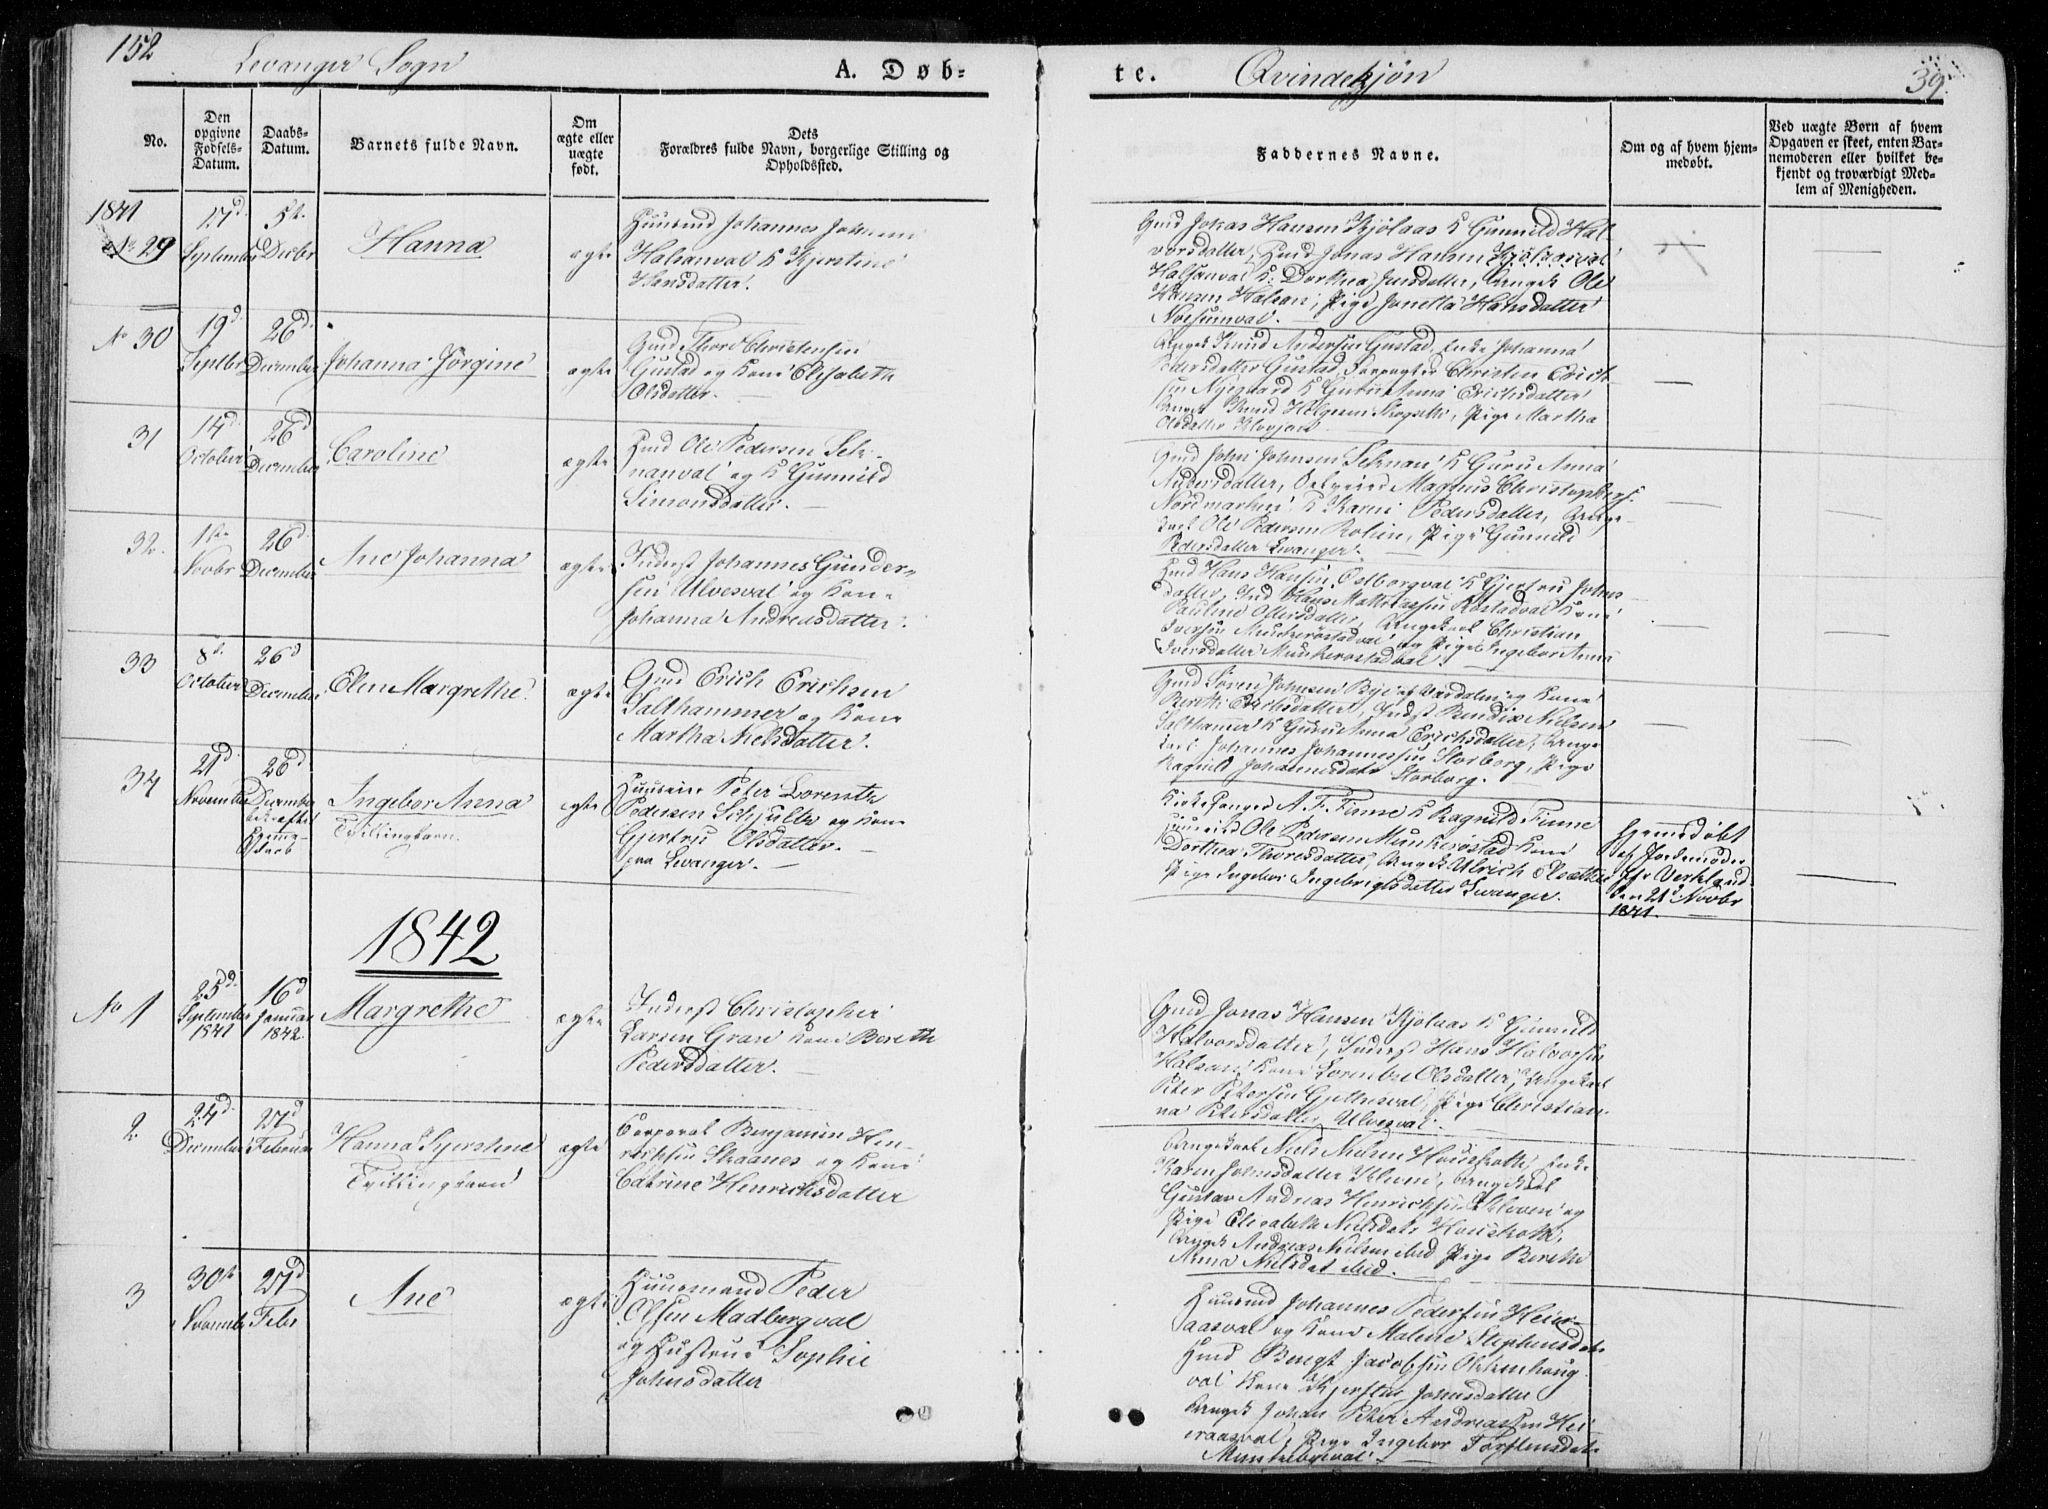 SAT, Ministerialprotokoller, klokkerbøker og fødselsregistre - Nord-Trøndelag, 720/L0183: Ministerialbok nr. 720A01, 1836-1855, s. 39